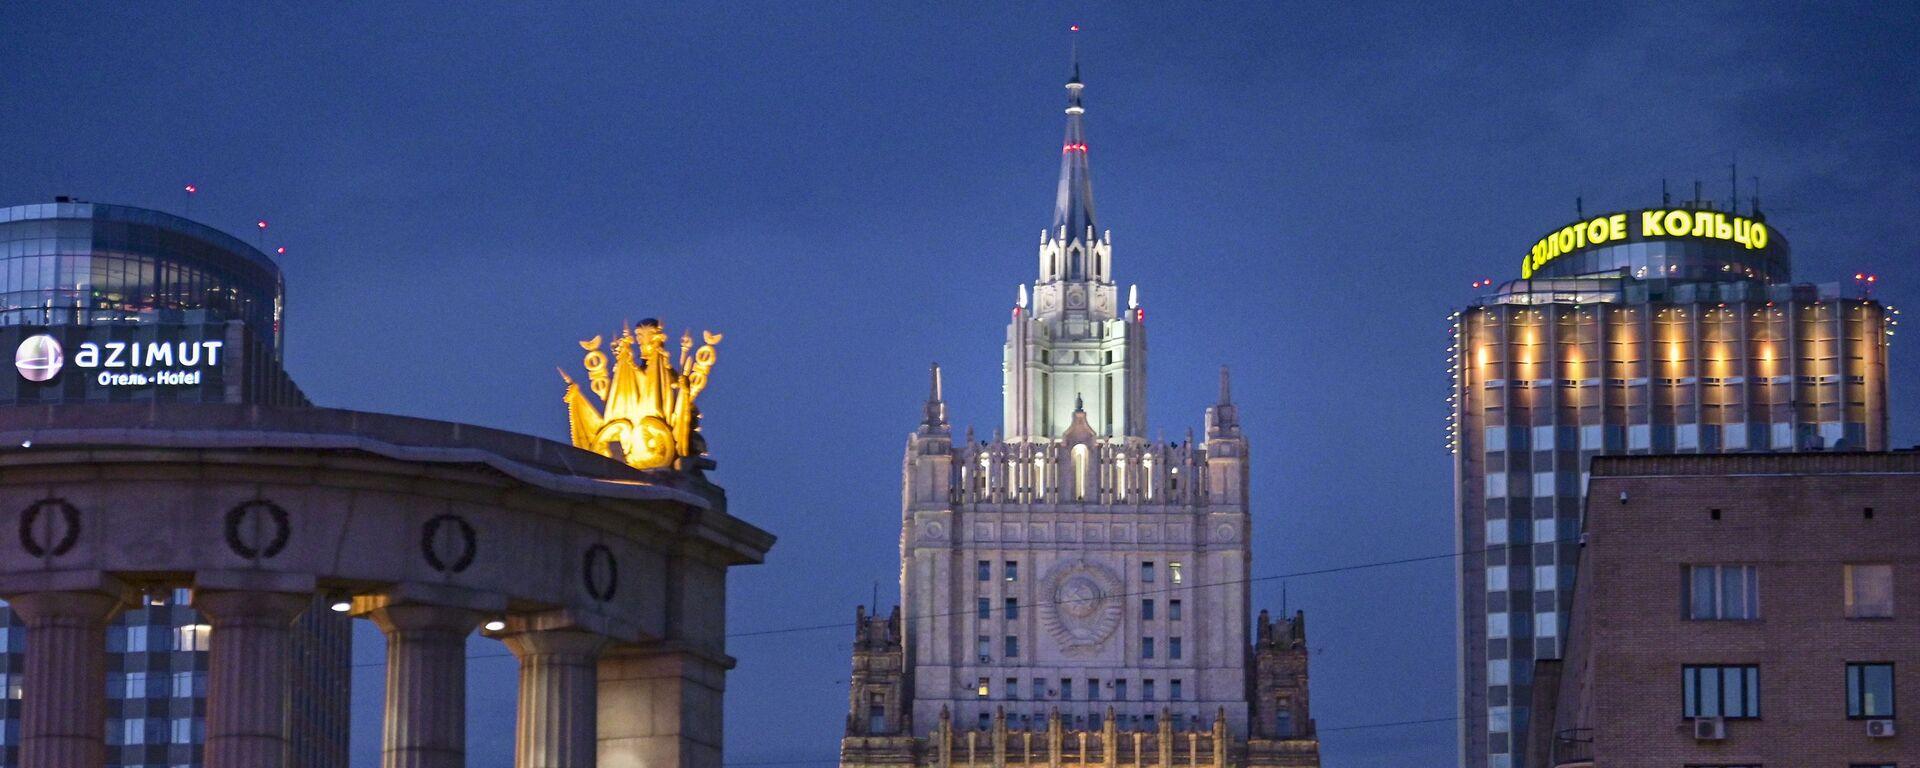 El Ministerio de Asuntos Exteriores de Rusia - Sputnik Mundo, 1920, 27.01.2021